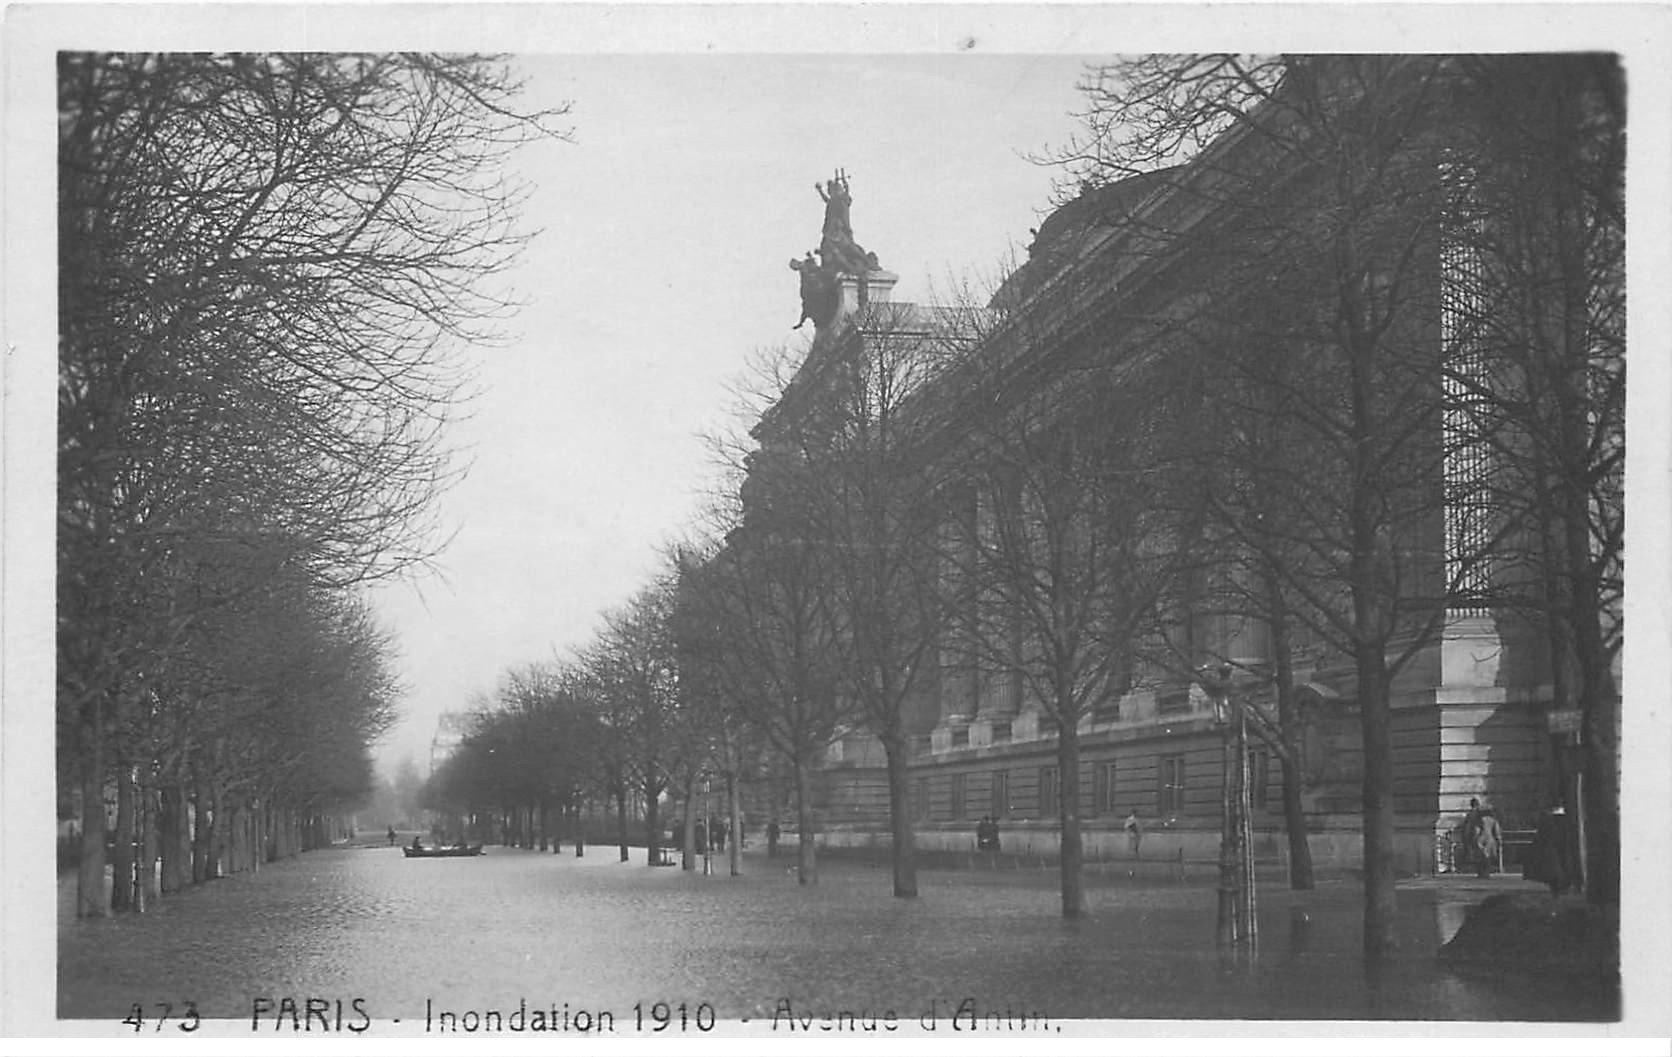 INONDATION DE PARIS 1910. Avenue d'Antin. Edition Rose.